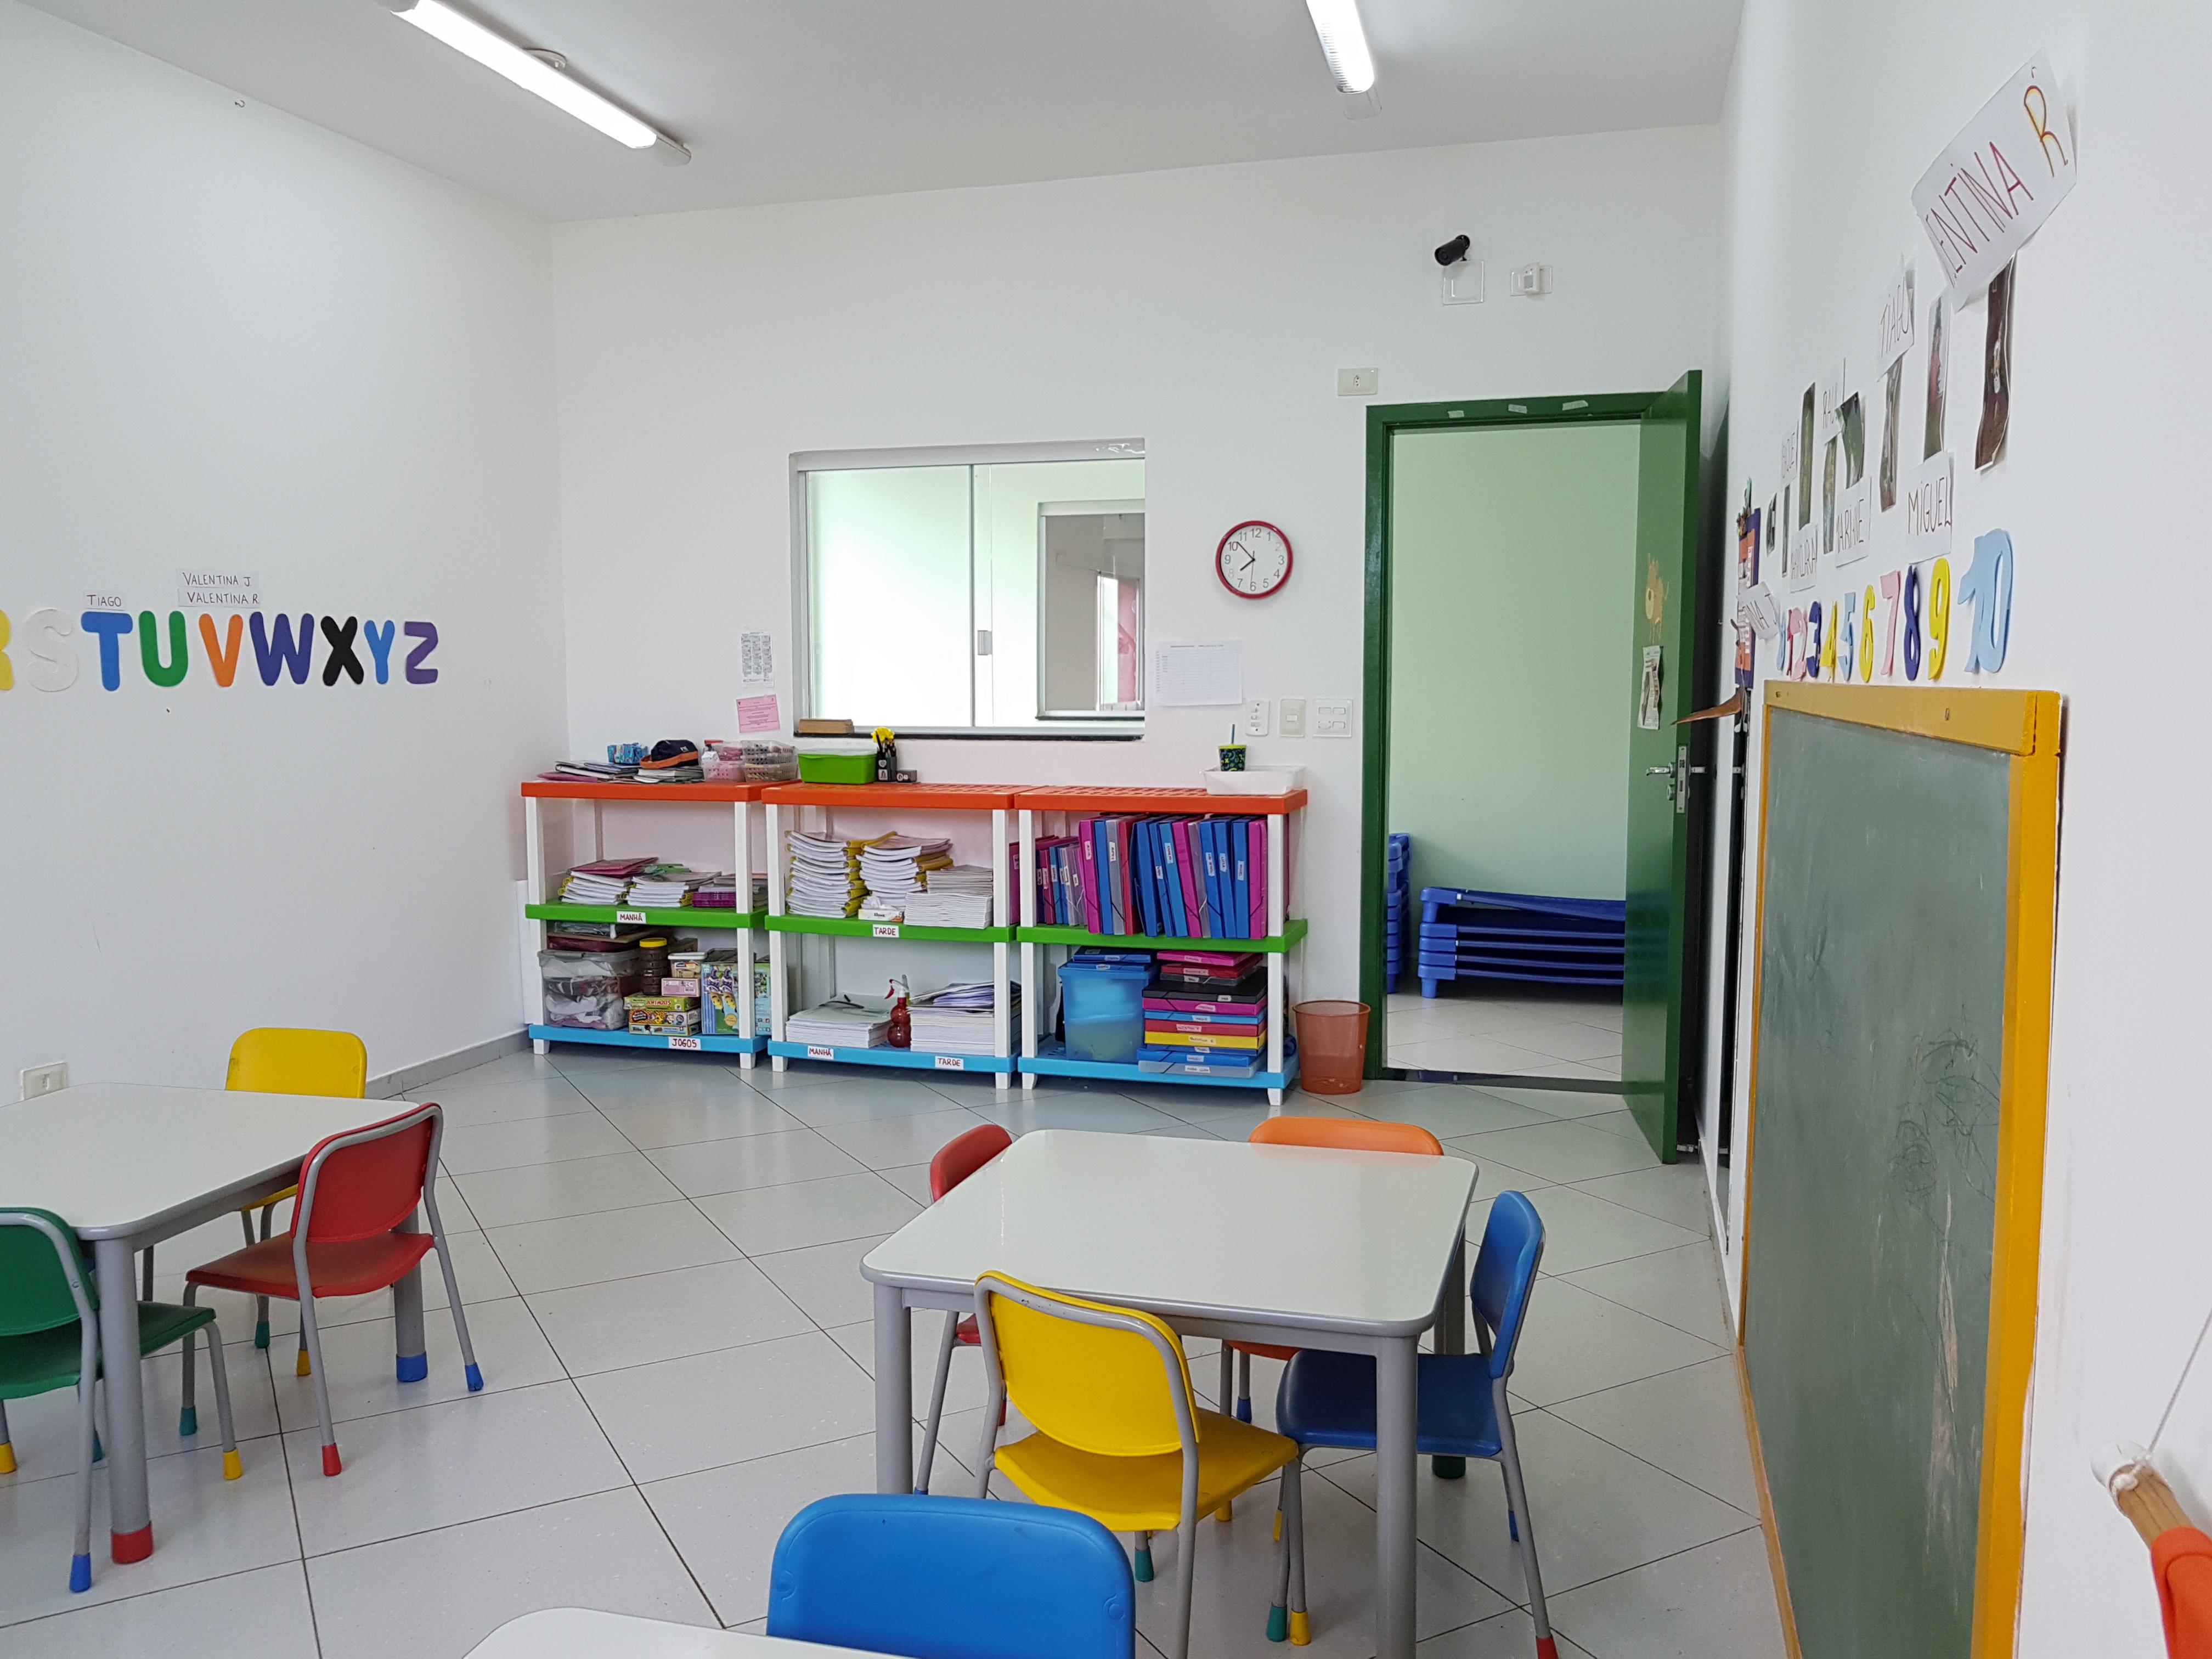 Galileo_Kids_Londrina_Ceianças_de_1_a_5_anos_pensadas_para_pequenos_matutino_vespertino_intermediári